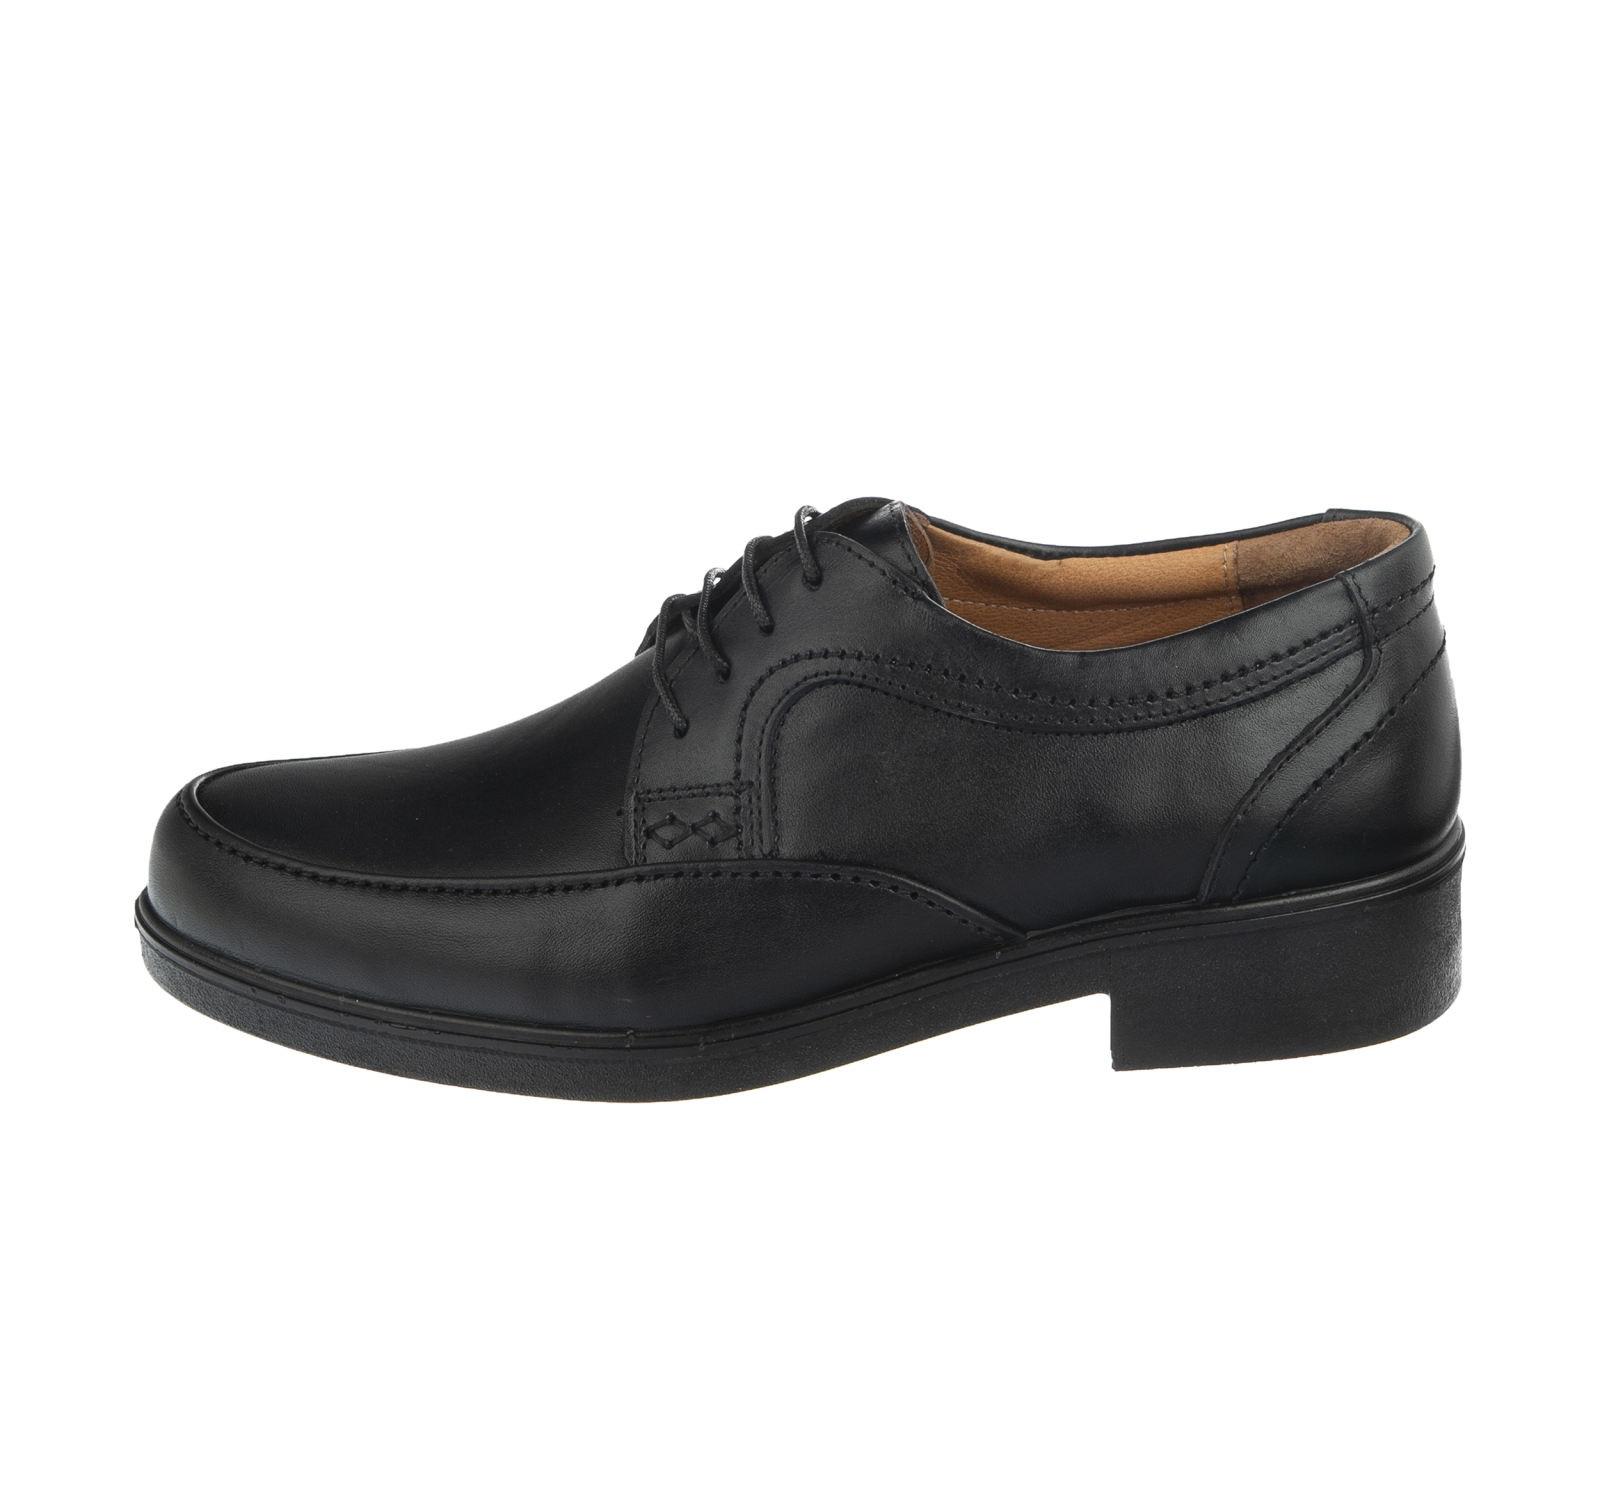 کفش مردانه طبی مجلسی کد 1211